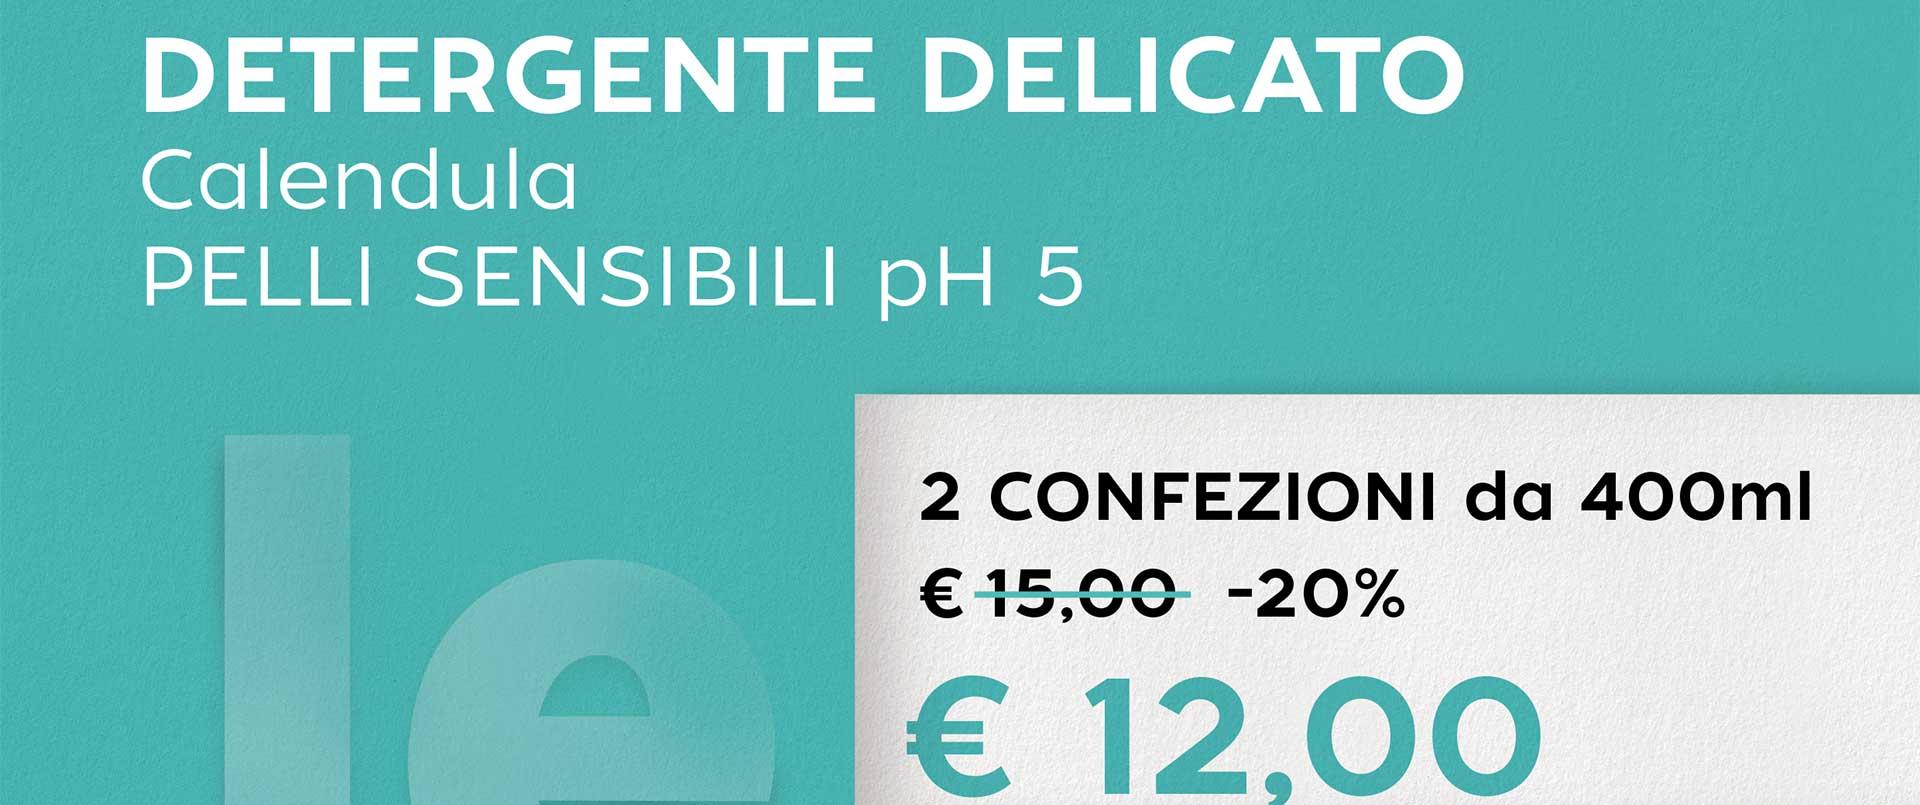 DETERGENTE DELICATO Calendula PELLI SENSIBILI pH 5